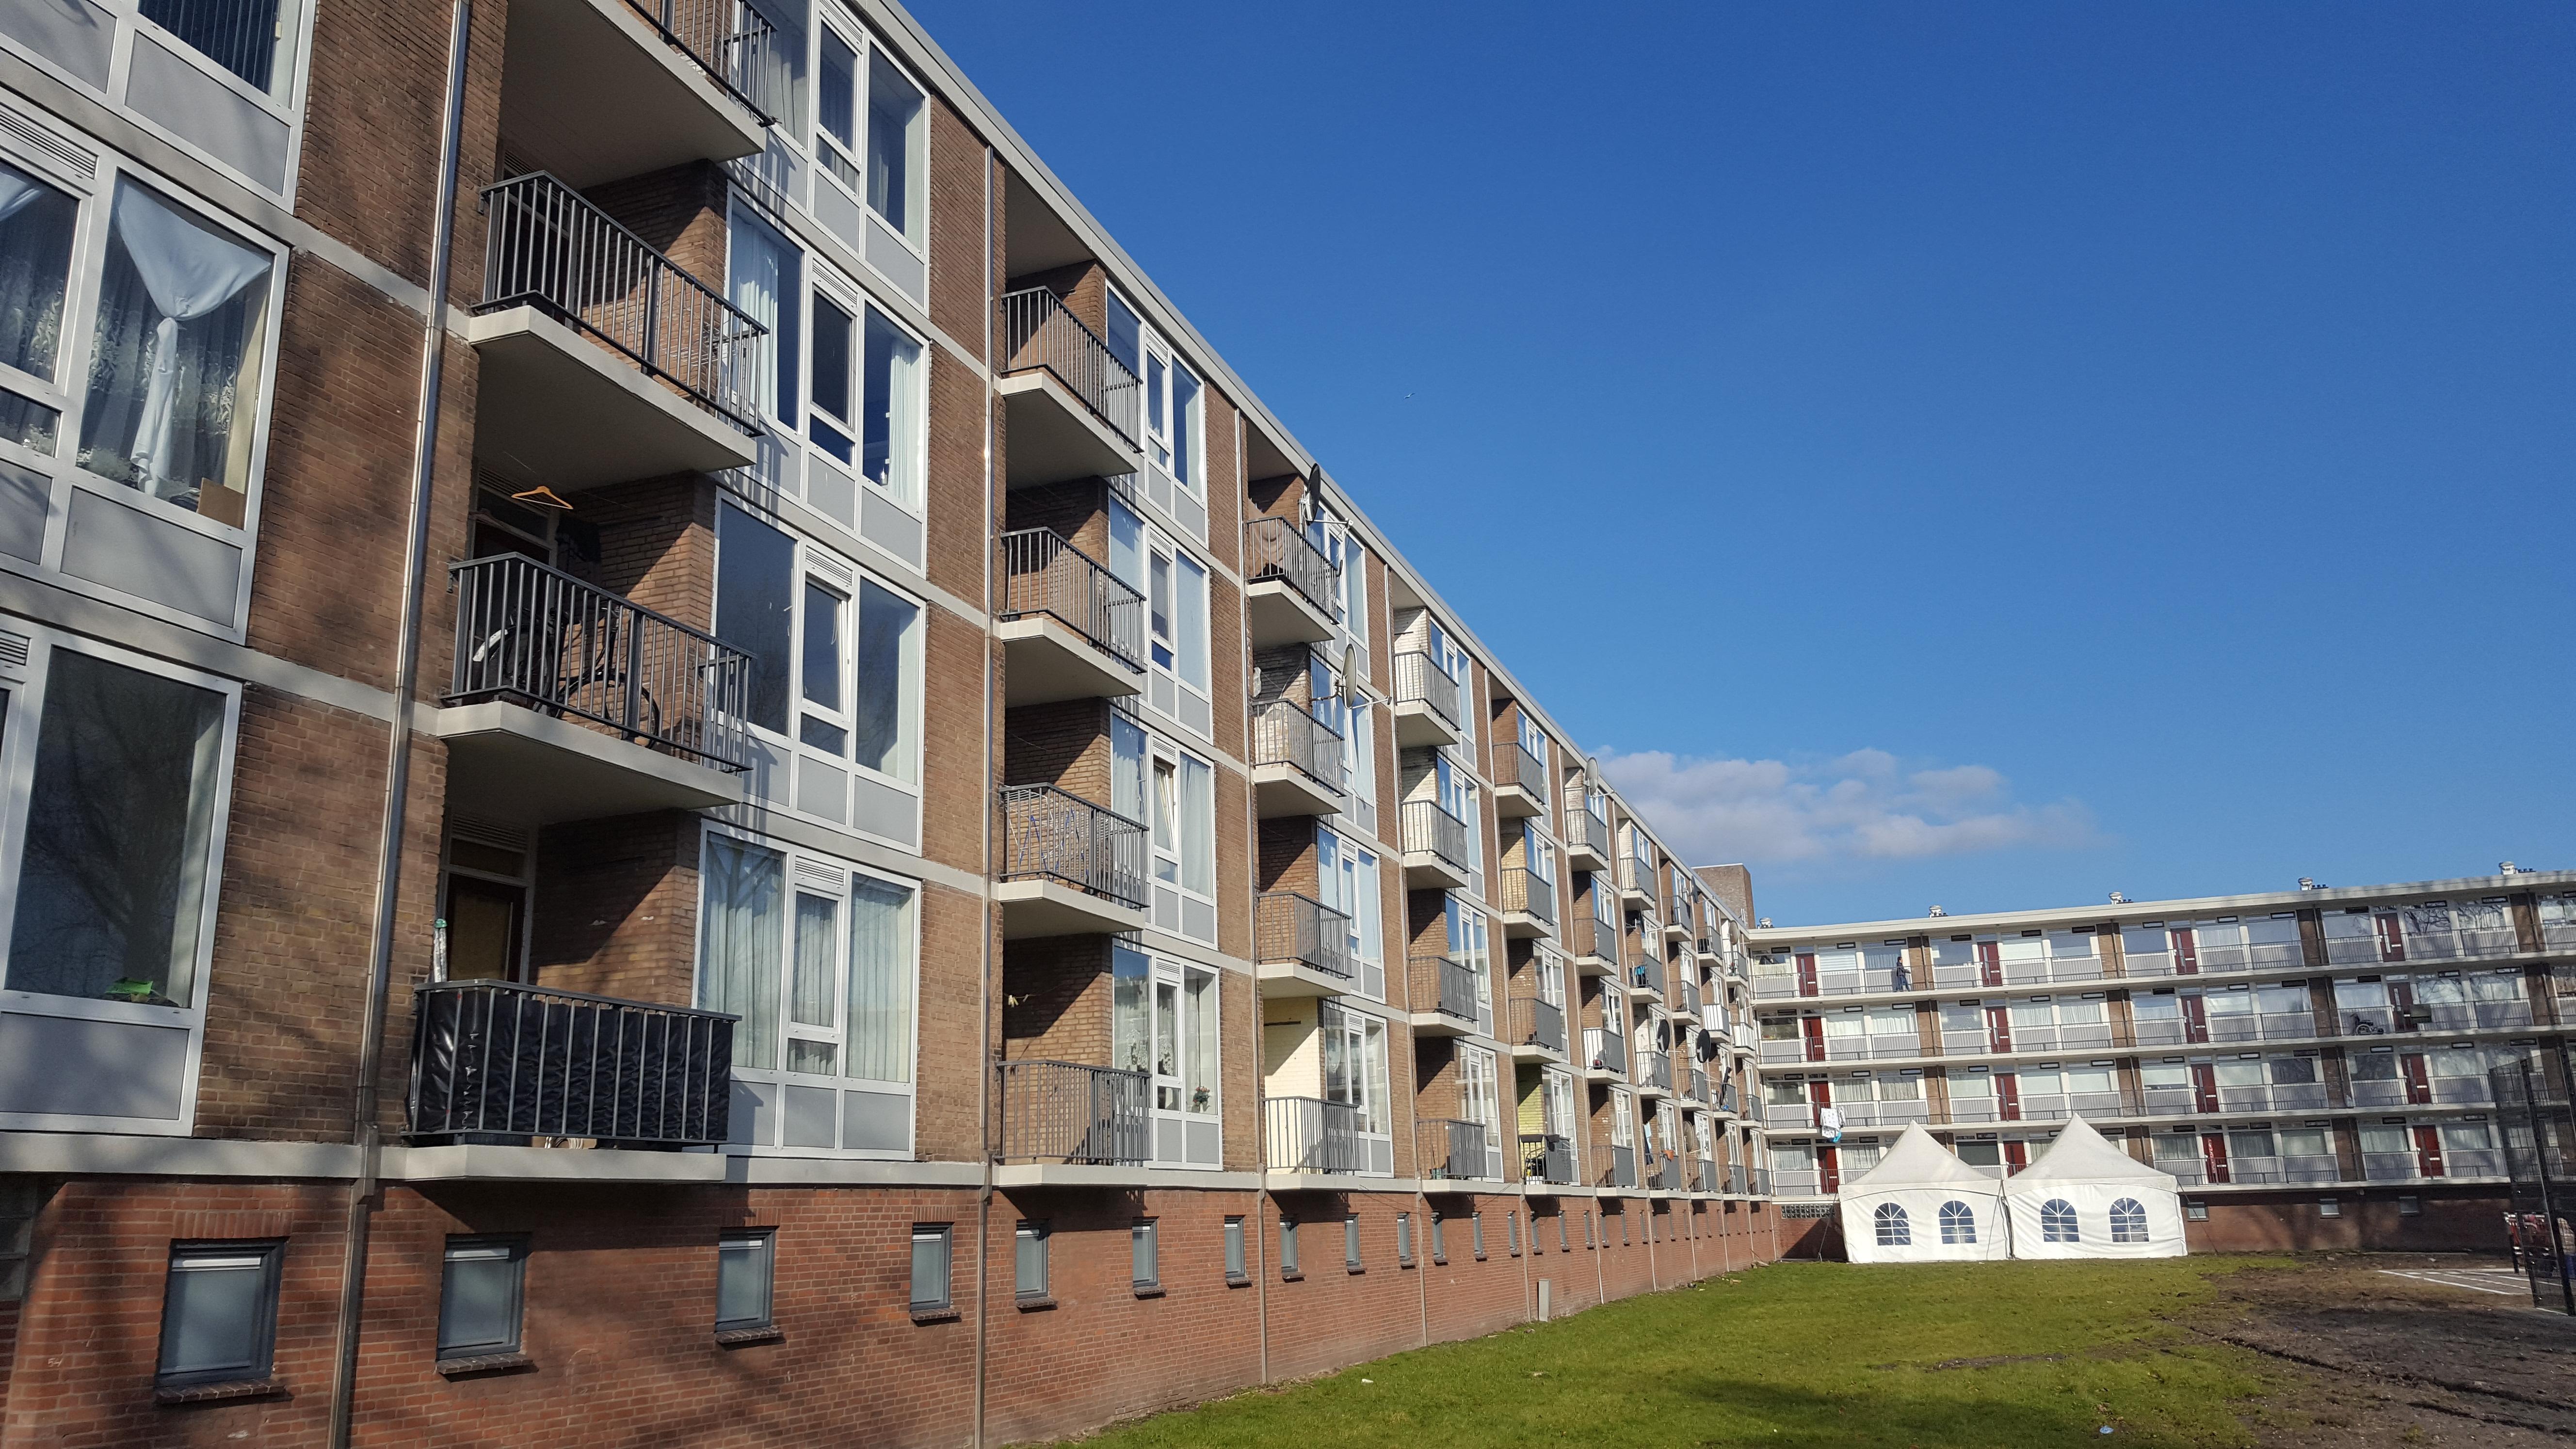 Renovatie 436 huizen in Poelenburg gereed